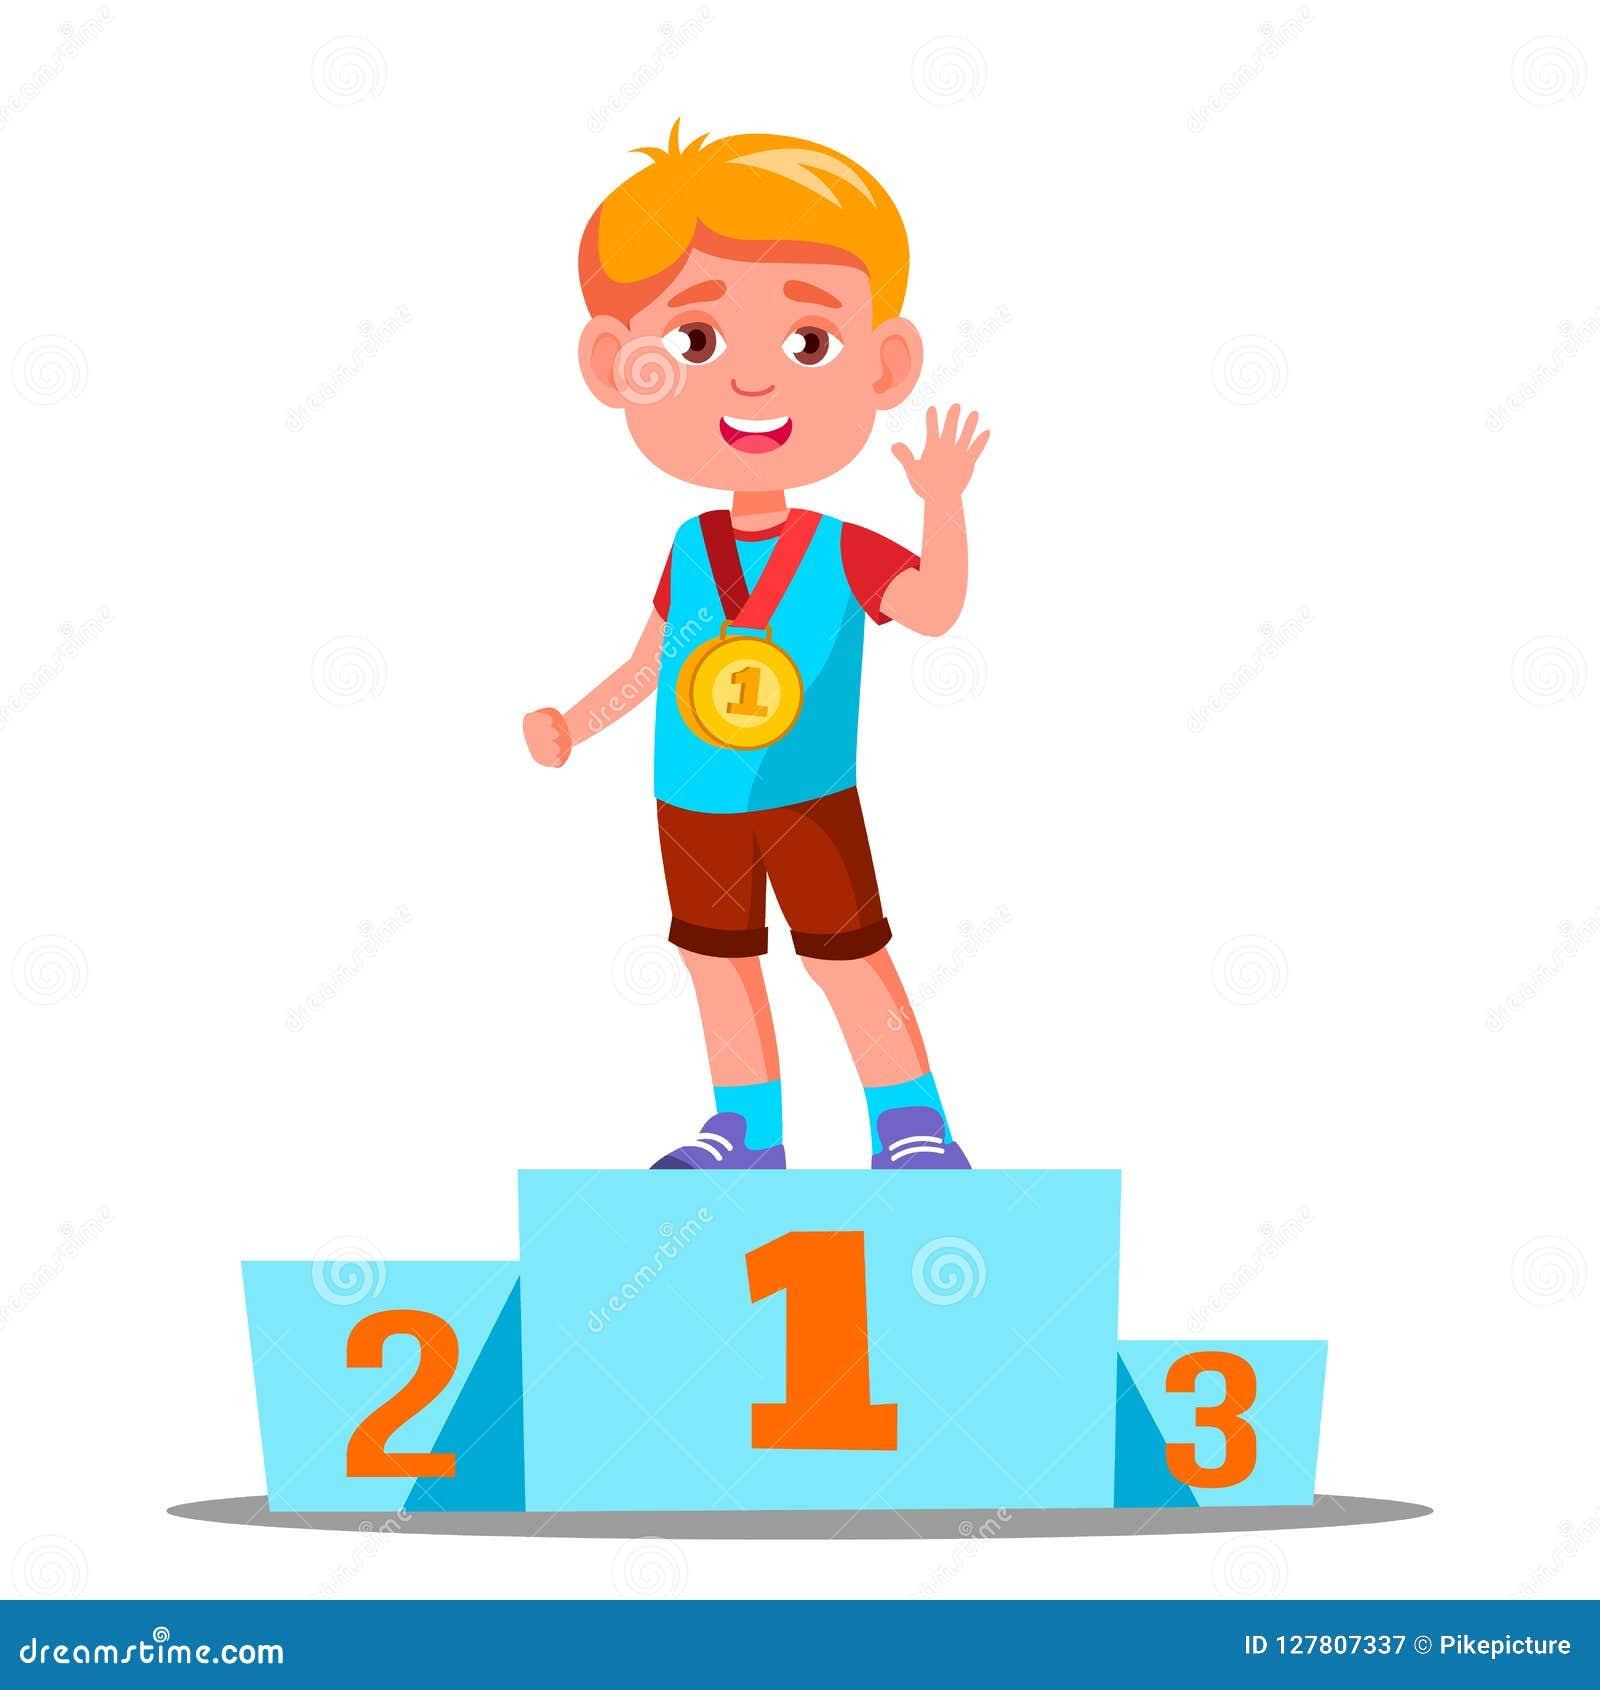 Lyckliga barn på en sportsockel med guldmedaljvektorn konkurrens isolerad knapphandillustration skjuta s-startkvinnan